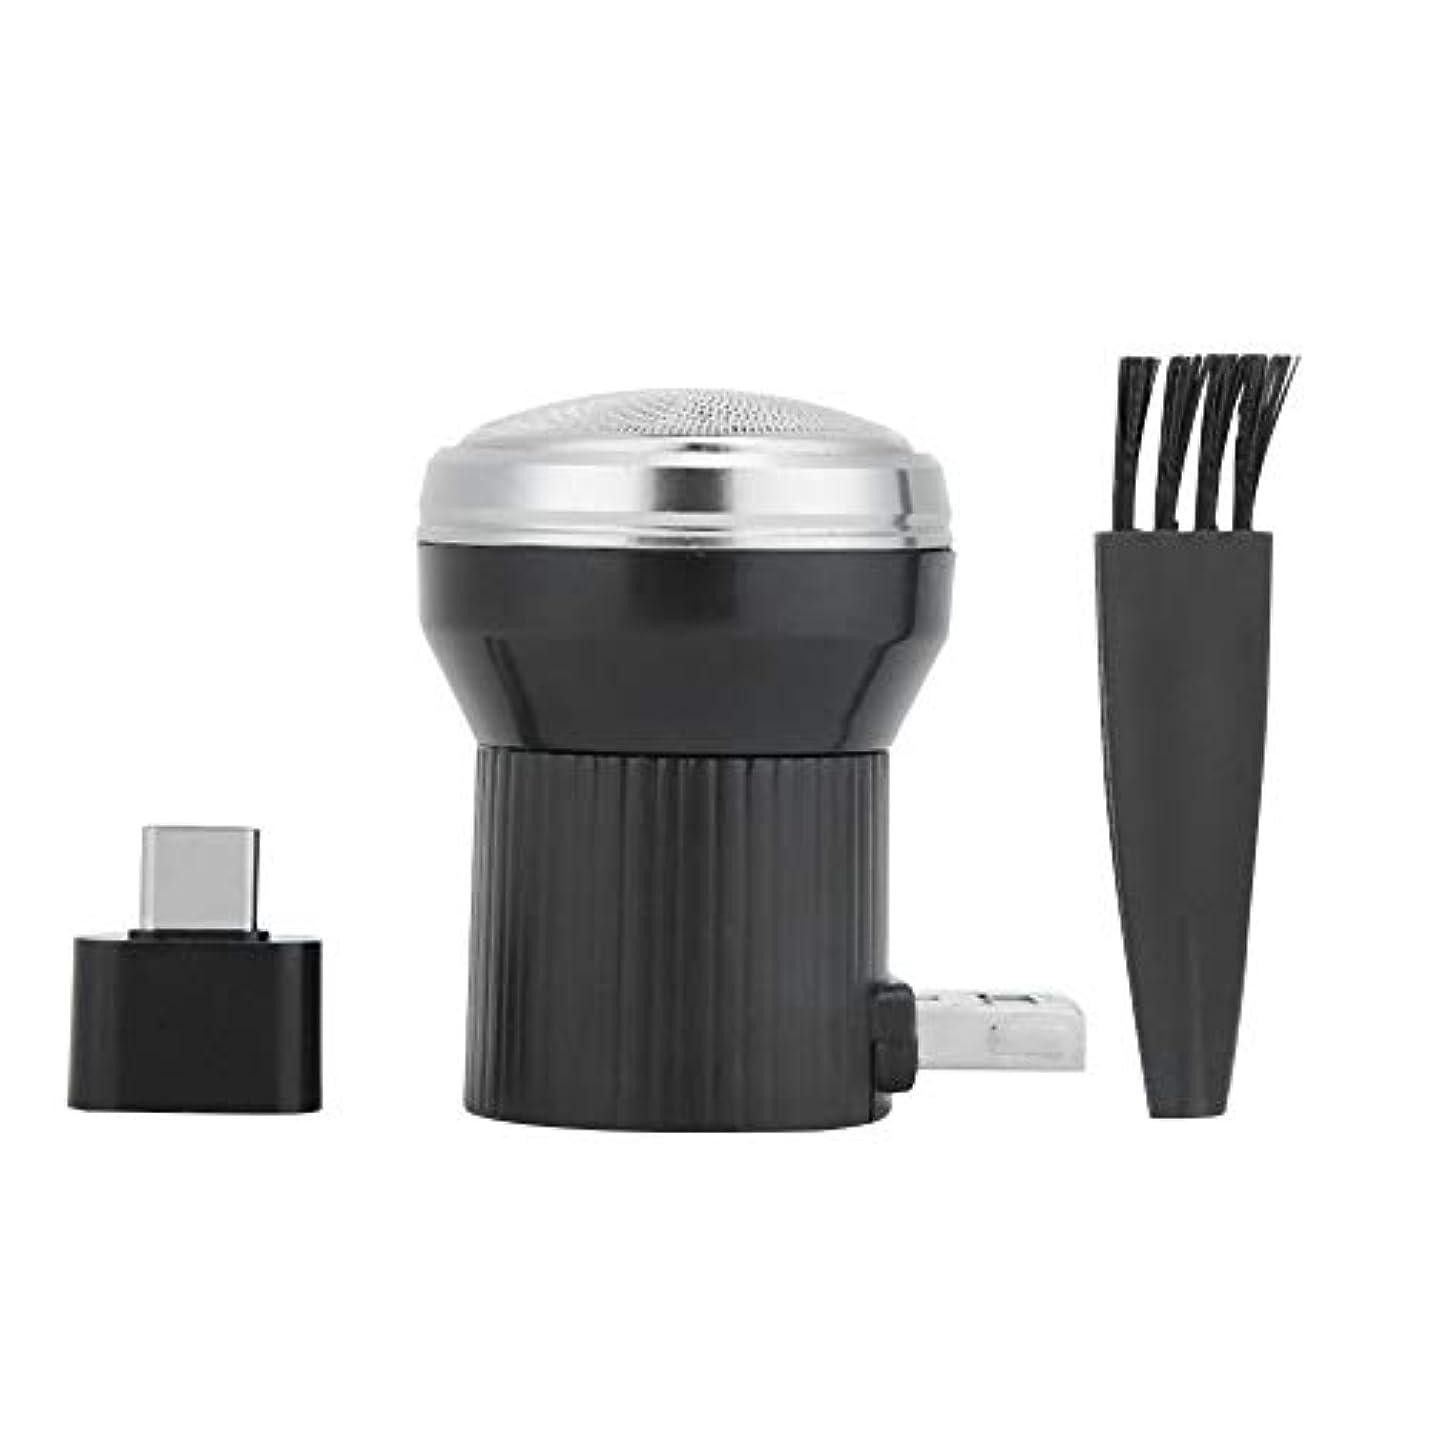 弱める聖書不潔DC5V 4.5W メンズシェーバー 髭剃り 回転式 USBシェーバー 携帯電話/USB充電式 持ち運び便利 電気シェーバー USBポート